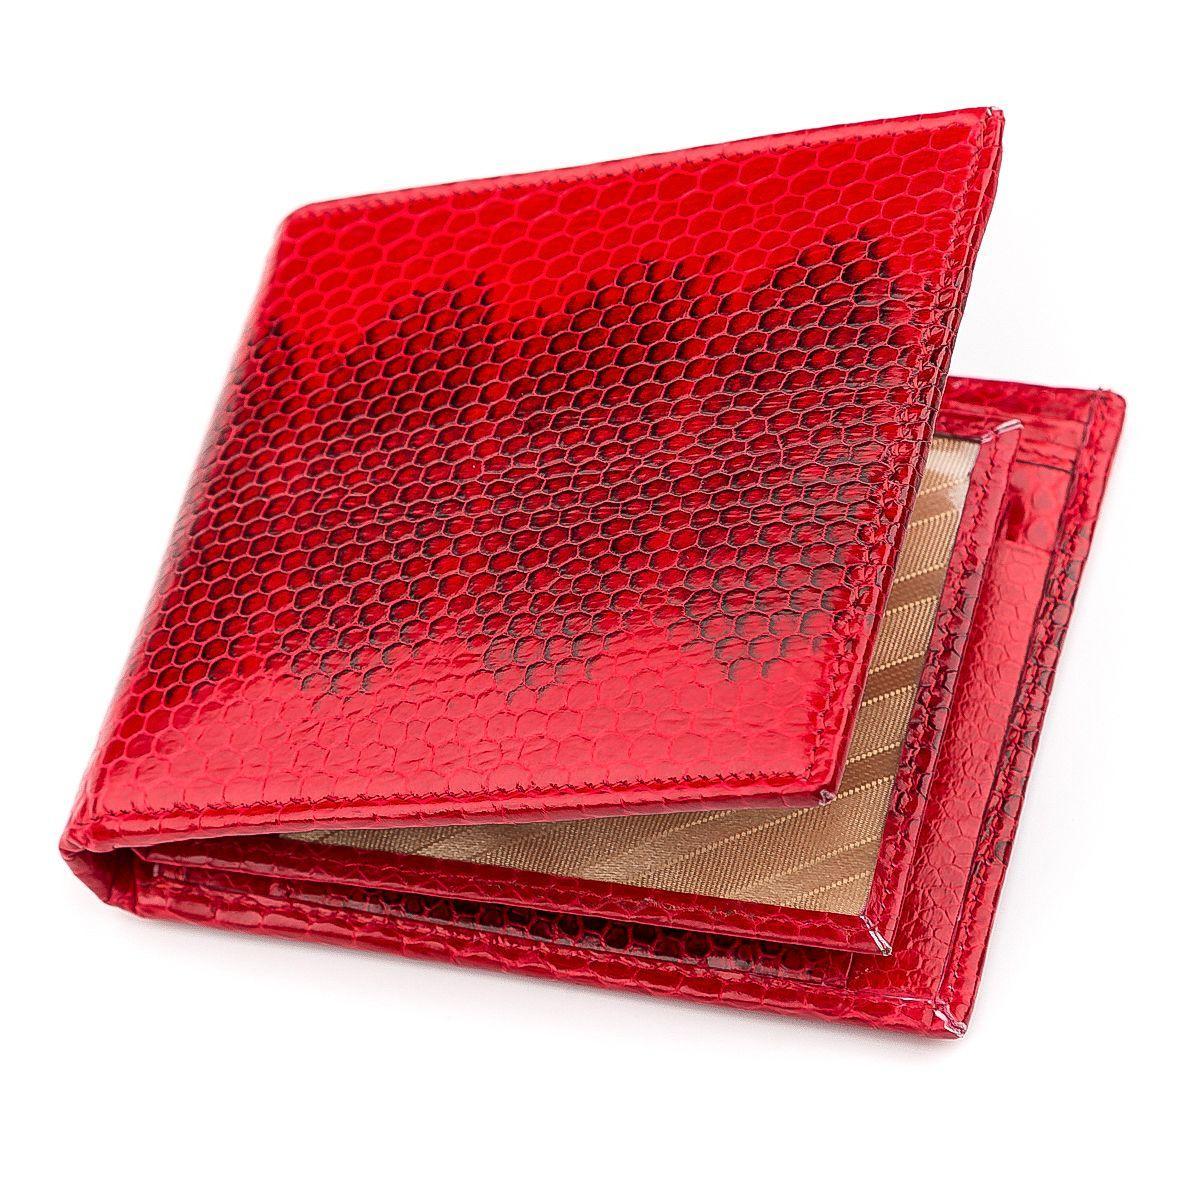 Бумажник женский EkzoticLeather из натуральной кожи морской змеи Красный (snw 72)